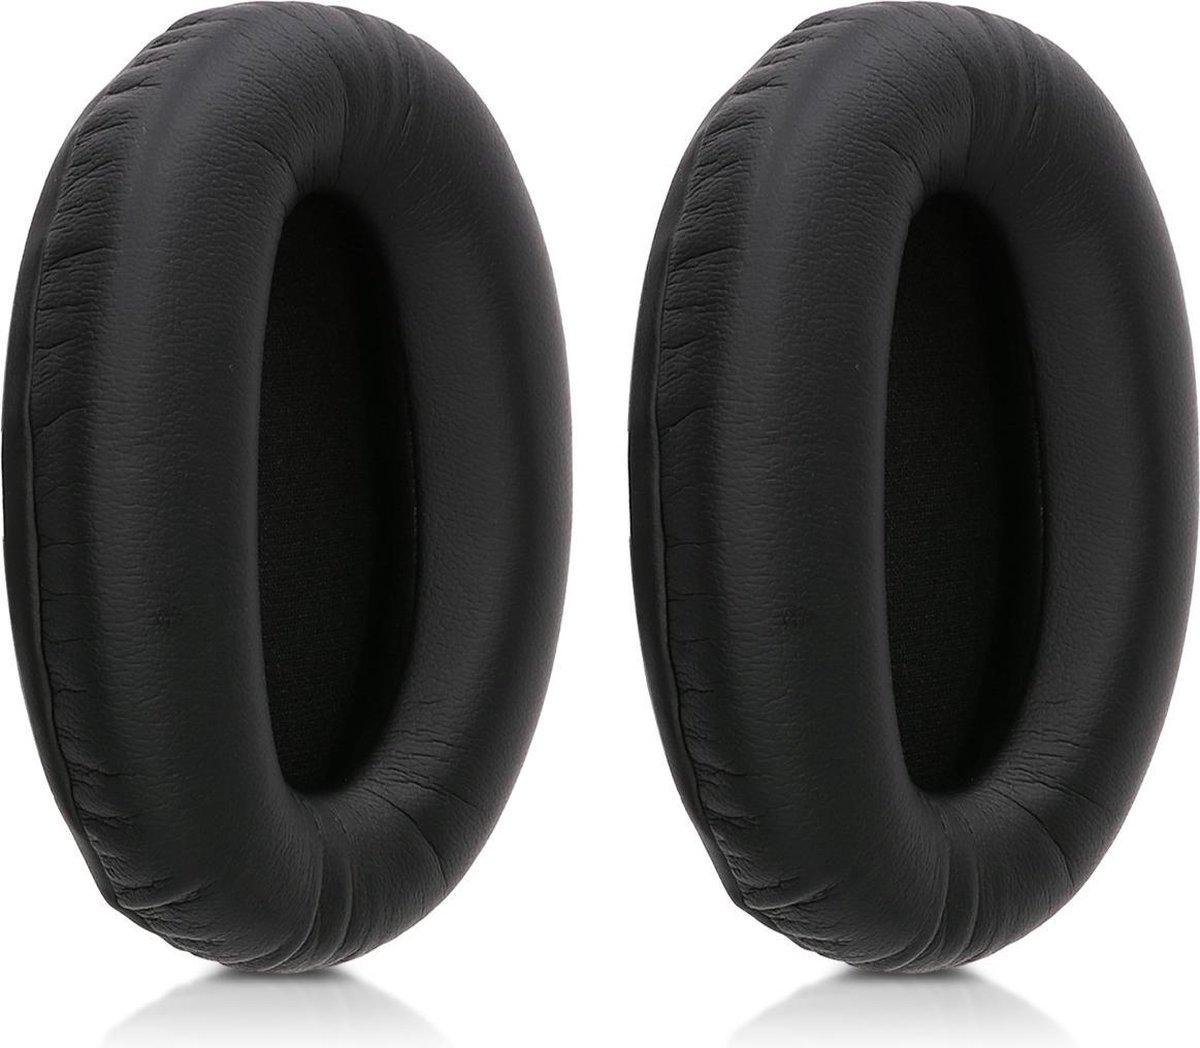 kwmobile 2x oorkussens voor Sony MDR-1000X / WH-1000XM2 koptelefoons - imitatieleer - voor over-ear-koptelefoon - zwart